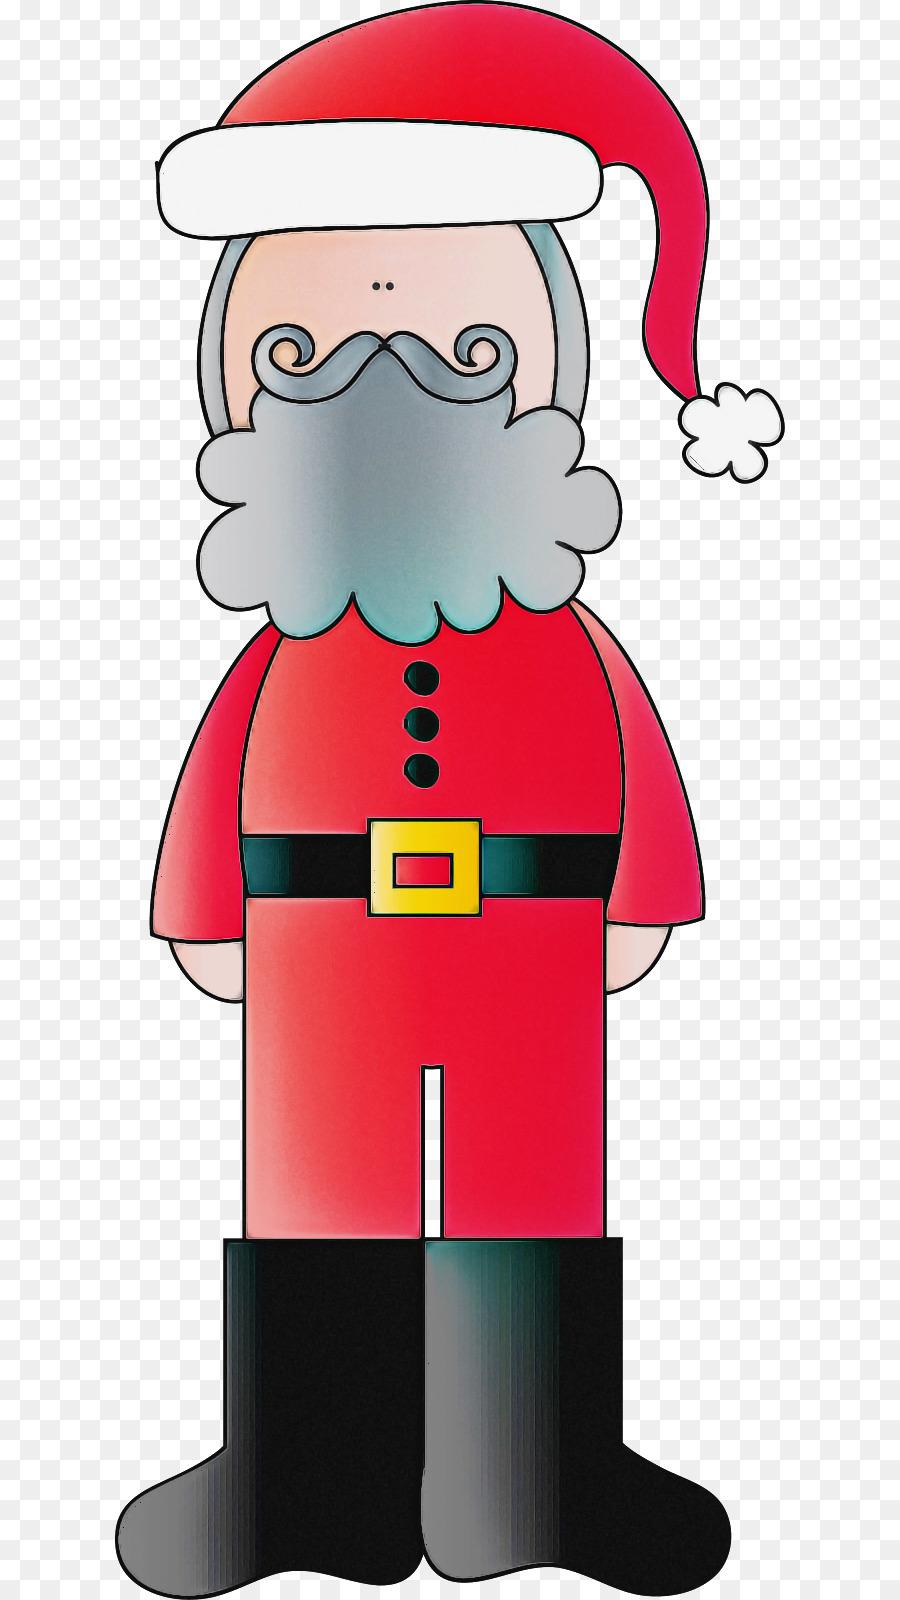 Descarga gratuita de Santa Claus Imágen de Png